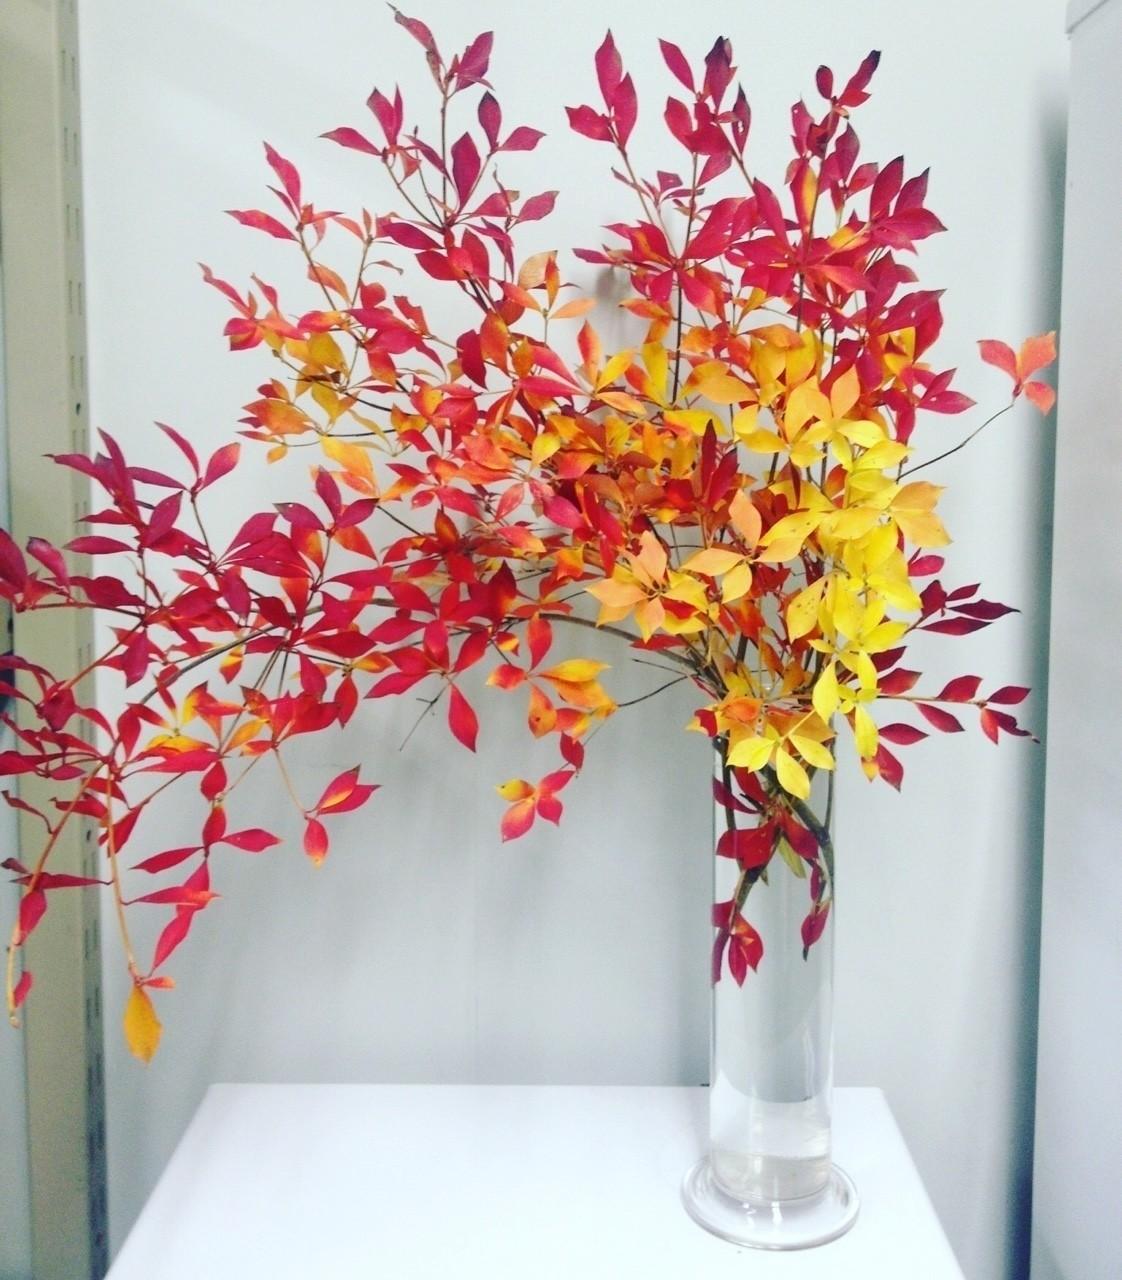 ドウダンツツジの1種生け。 葉の紅葉は、命が最後に燃え上がるような輝きを感じる。  #ikebana #kado #japan #japanese #flower #plant #arrengement #art #design #sogetsu #florist #flowerstagram #artwork #culture #華道 #いけばな #生け花 #草月 #草月流 #花 #植物 #アート #デザイン #いけばな男子#花のある暮らし